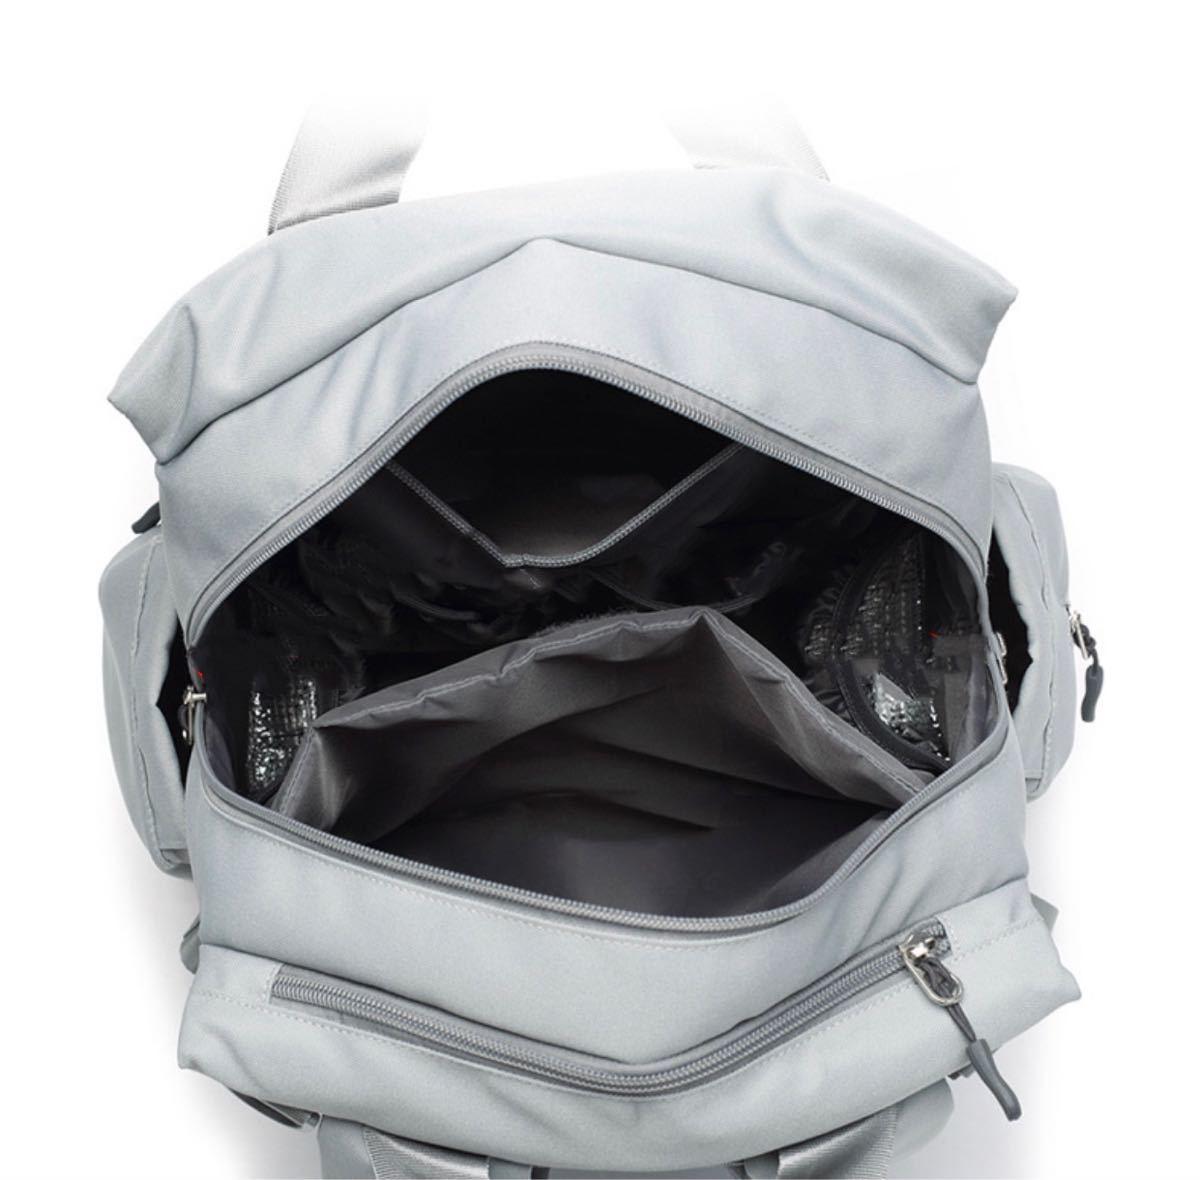 多機能トットバッグ マザーズバッグ 大容量リュックサック 3way 保温ポケット